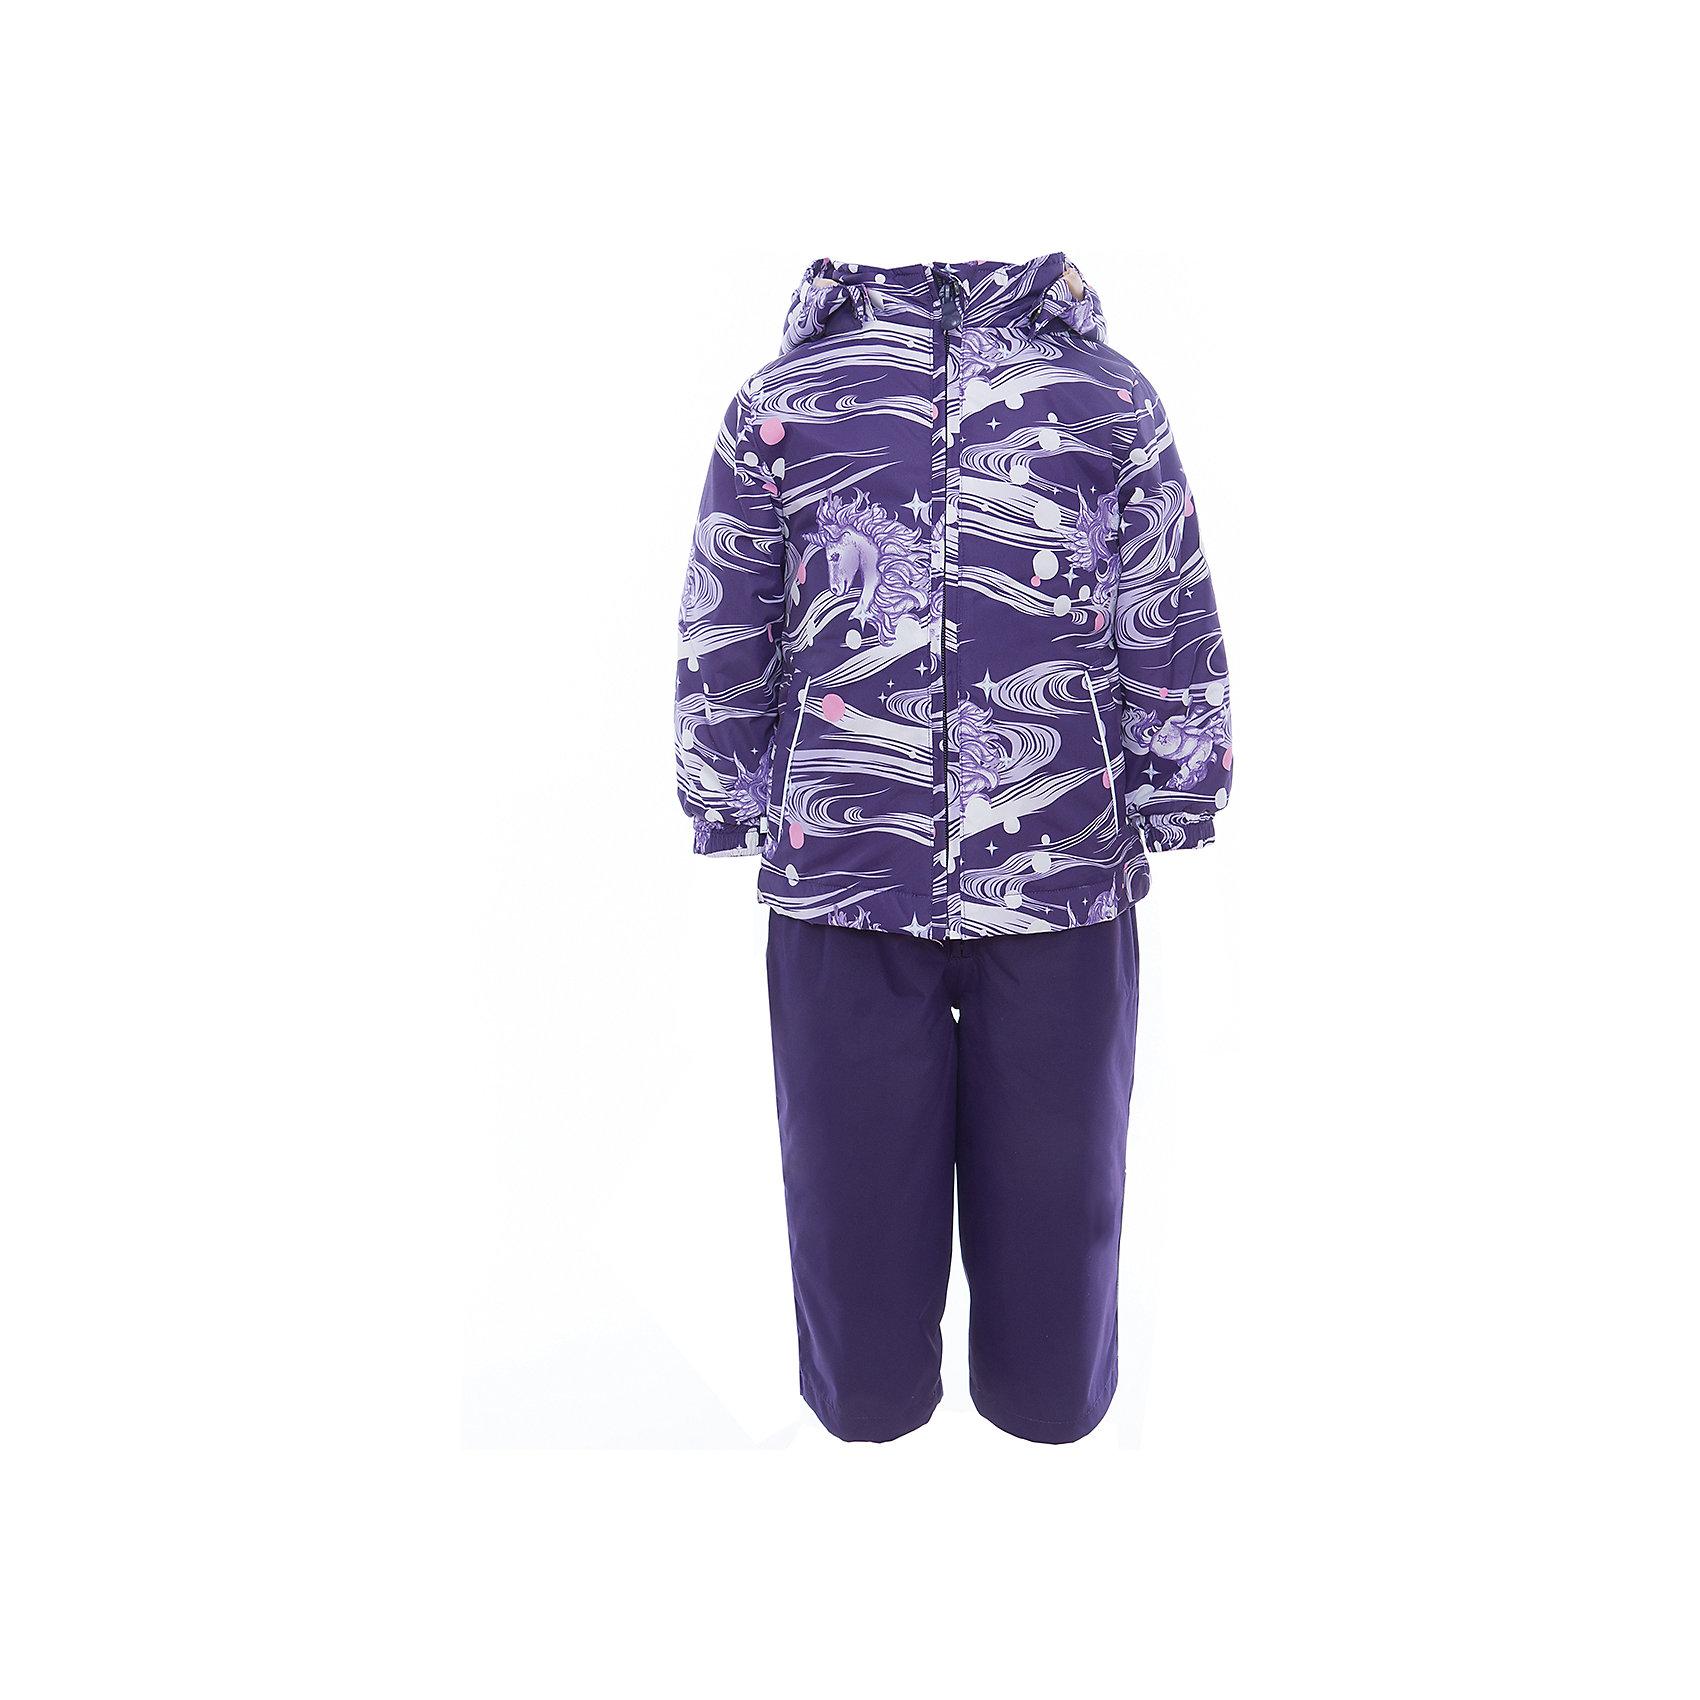 Комплект: куртка и полукомбинезон для девочки YONNE HuppaВерхняя одежда<br>Характеристики товара:<br><br>• цвет: тёмно-фиолетовый принт/тёмно-фиолетовый<br>• комплектация: куртка и полукомбинезон <br>• ткань: 100% полиэстер<br>• подкладка: тафта - 100% полиэстер<br>• утеплитель: куртка и полукомбинезон - 100% полиэстер 100 г.<br>• температурный режим: от -5°С до +10°С<br>• водонепроницаемость: верх - 5000 мм, низ - 10000 мм<br>• воздухопроницаемость: верх - 5000 мм, низ - 10000 мм<br>• светоотражающие детали<br>• шов сидения проклеен<br>• съёмный капюшон с резинкой<br>• защита подбородка от молнии<br>• эластичные манжеты на рукавах<br>• регулируемый низ брючин<br>• эластичный шнур с фиксатором внизу брючин<br>• без внутренних швов<br>• резиновые подтяжки<br>• коллекция: весна-лето 2017<br>• страна бренда: Эстония<br><br>Такой модный демисезонный комплект  обеспечит детям тепло и комфорт. Он сделан из материала, отталкивающего воду, и дополнен подкладкой с утеплителем, поэтому изделие идеально подходит для межсезонья. Материал изделий - с мембранной технологией: защищая от влаги и ветра, он легко выводит лишнюю влагу наружу. Комплект очень симпатично смотрится. <br><br>Одежда и обувь от популярного эстонского бренда Huppa - отличный вариант одеть ребенка можно и комфортно. Вещи, выпускаемые компанией, качественные, продуманные и очень удобные. Для производства изделий используются только безопасные для детей материалы. Продукция от Huppa порадует и детей, и их родителей!<br><br>Комплект: куртка и полукомбинезон YONNE от бренда Huppa (Хуппа) можно купить в нашем интернет-магазине.<br><br>Ширина мм: 356<br>Глубина мм: 10<br>Высота мм: 245<br>Вес г: 519<br>Цвет: розовый<br>Возраст от месяцев: 12<br>Возраст до месяцев: 15<br>Пол: Женский<br>Возраст: Детский<br>Размер: 80<br>SKU: 5346625